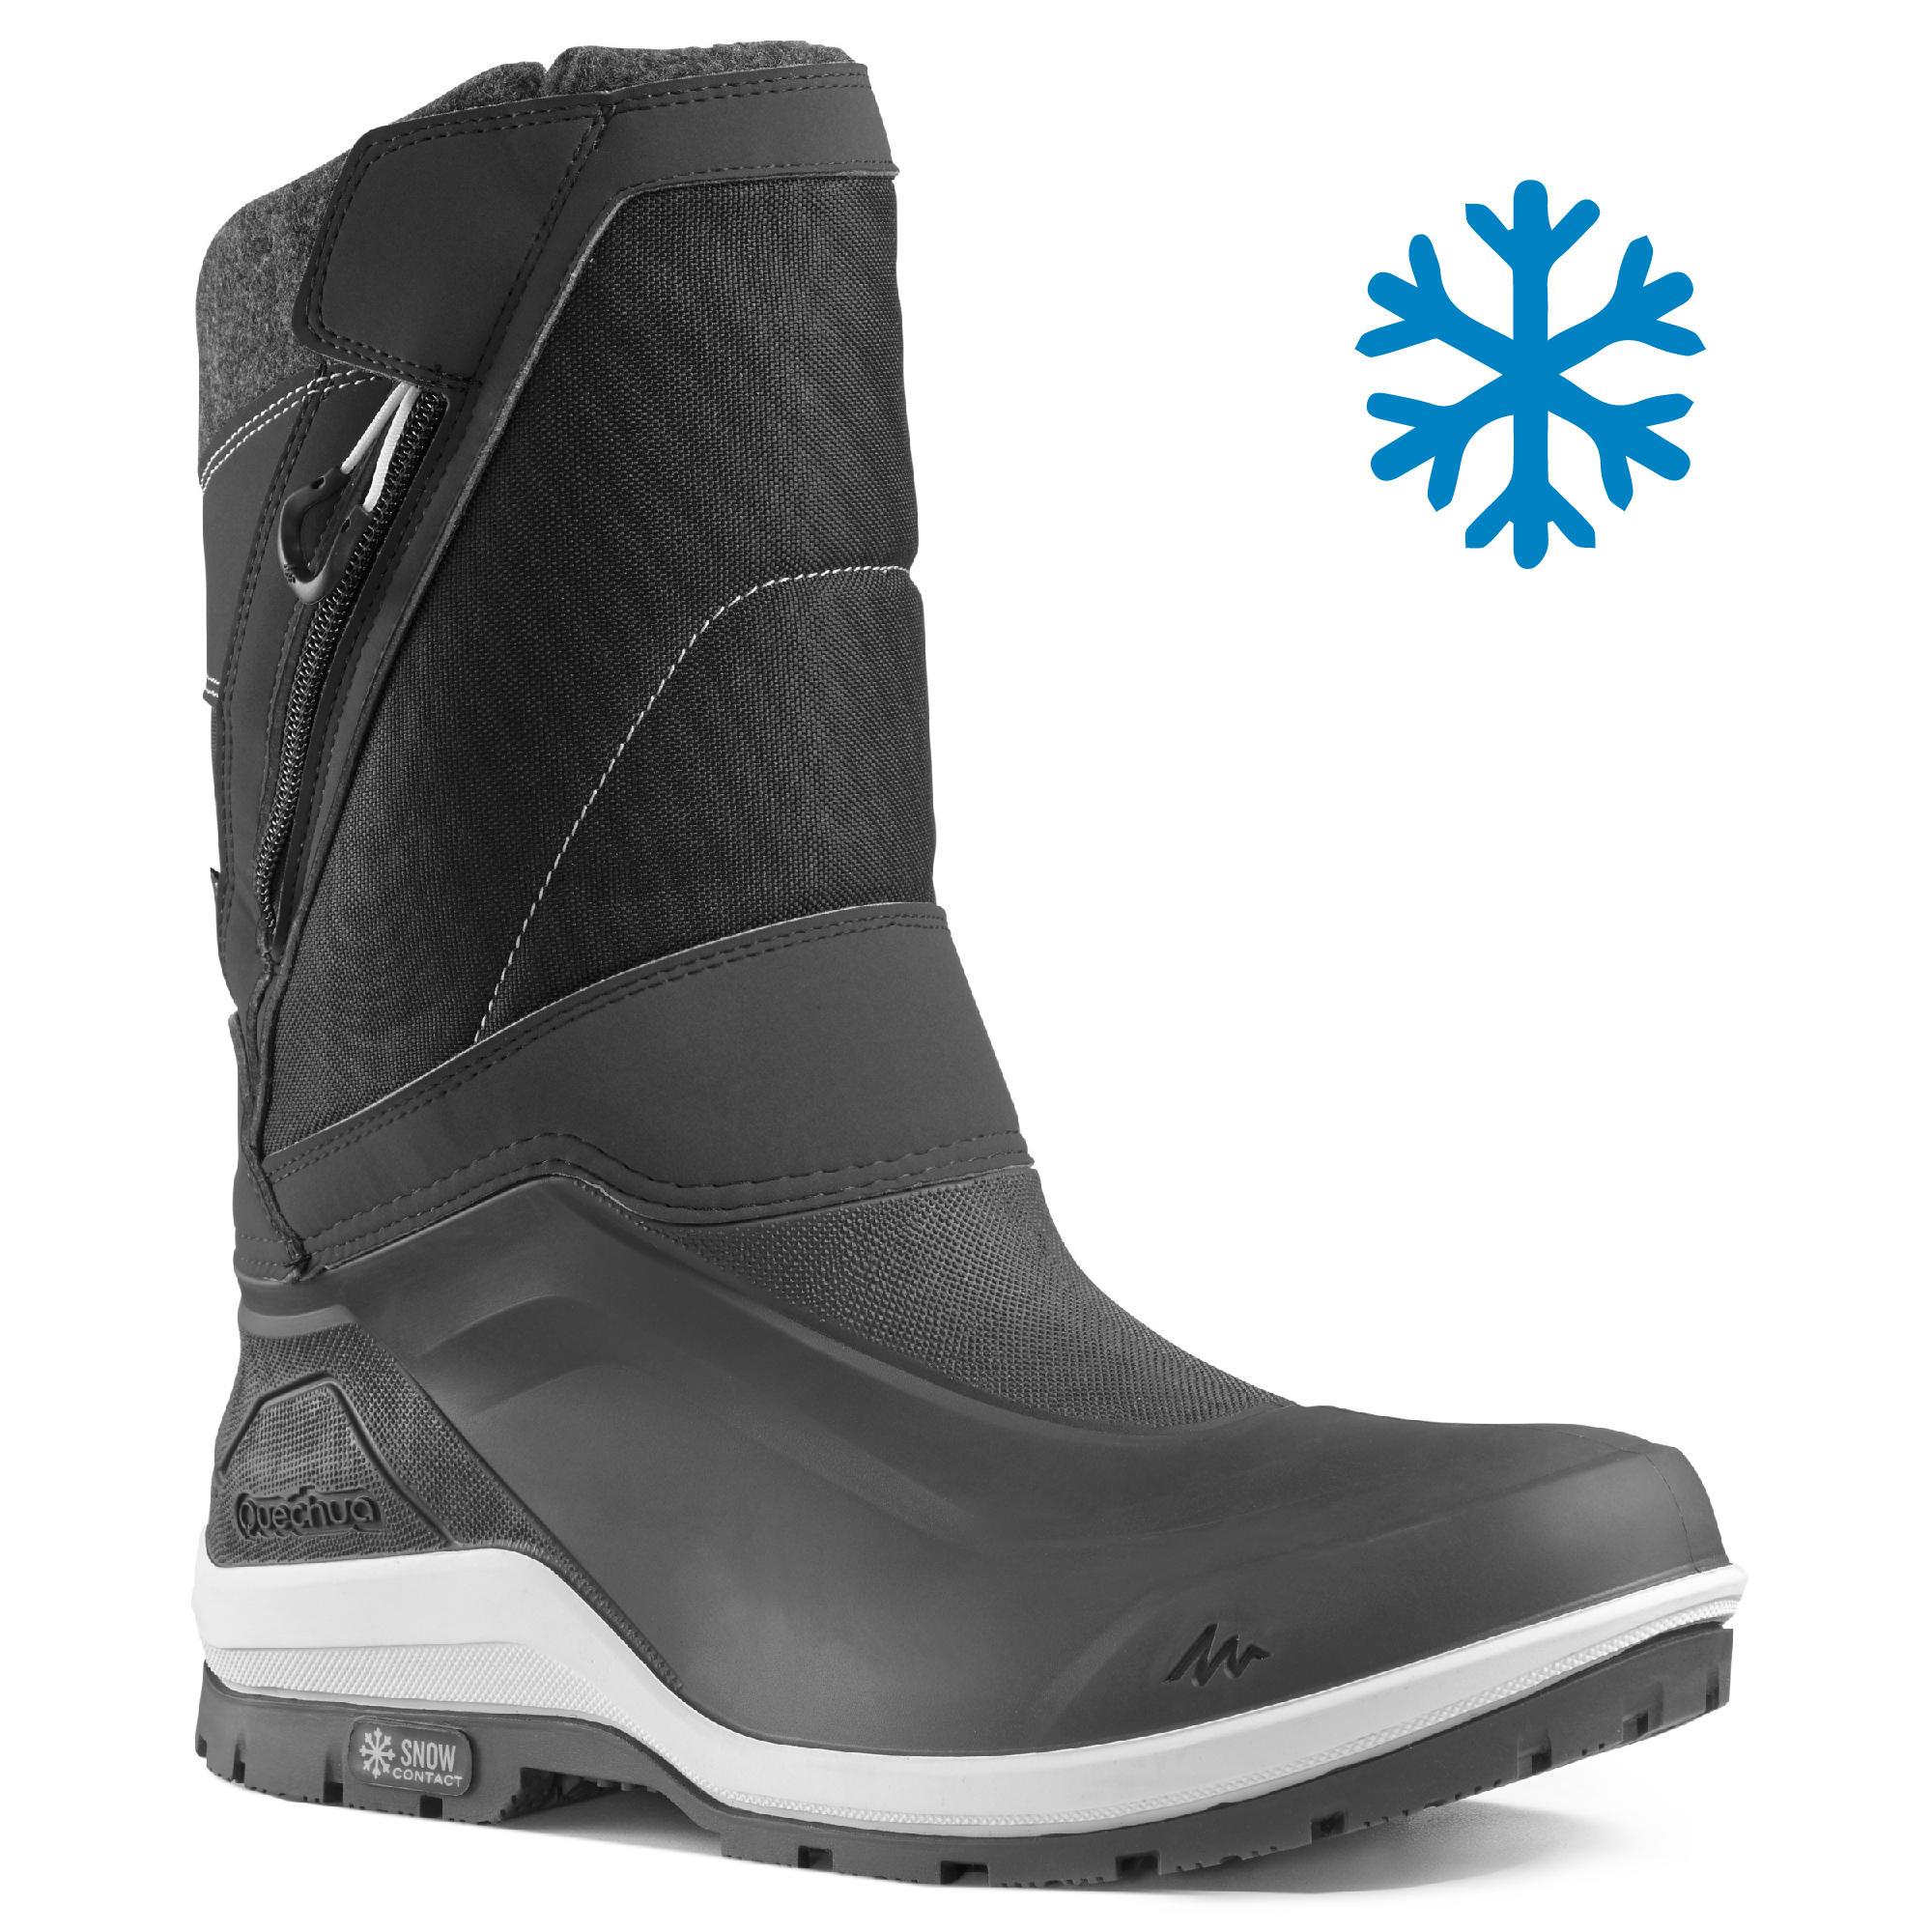 Men's Snow Boots WARM \u0026 WATERPROOF